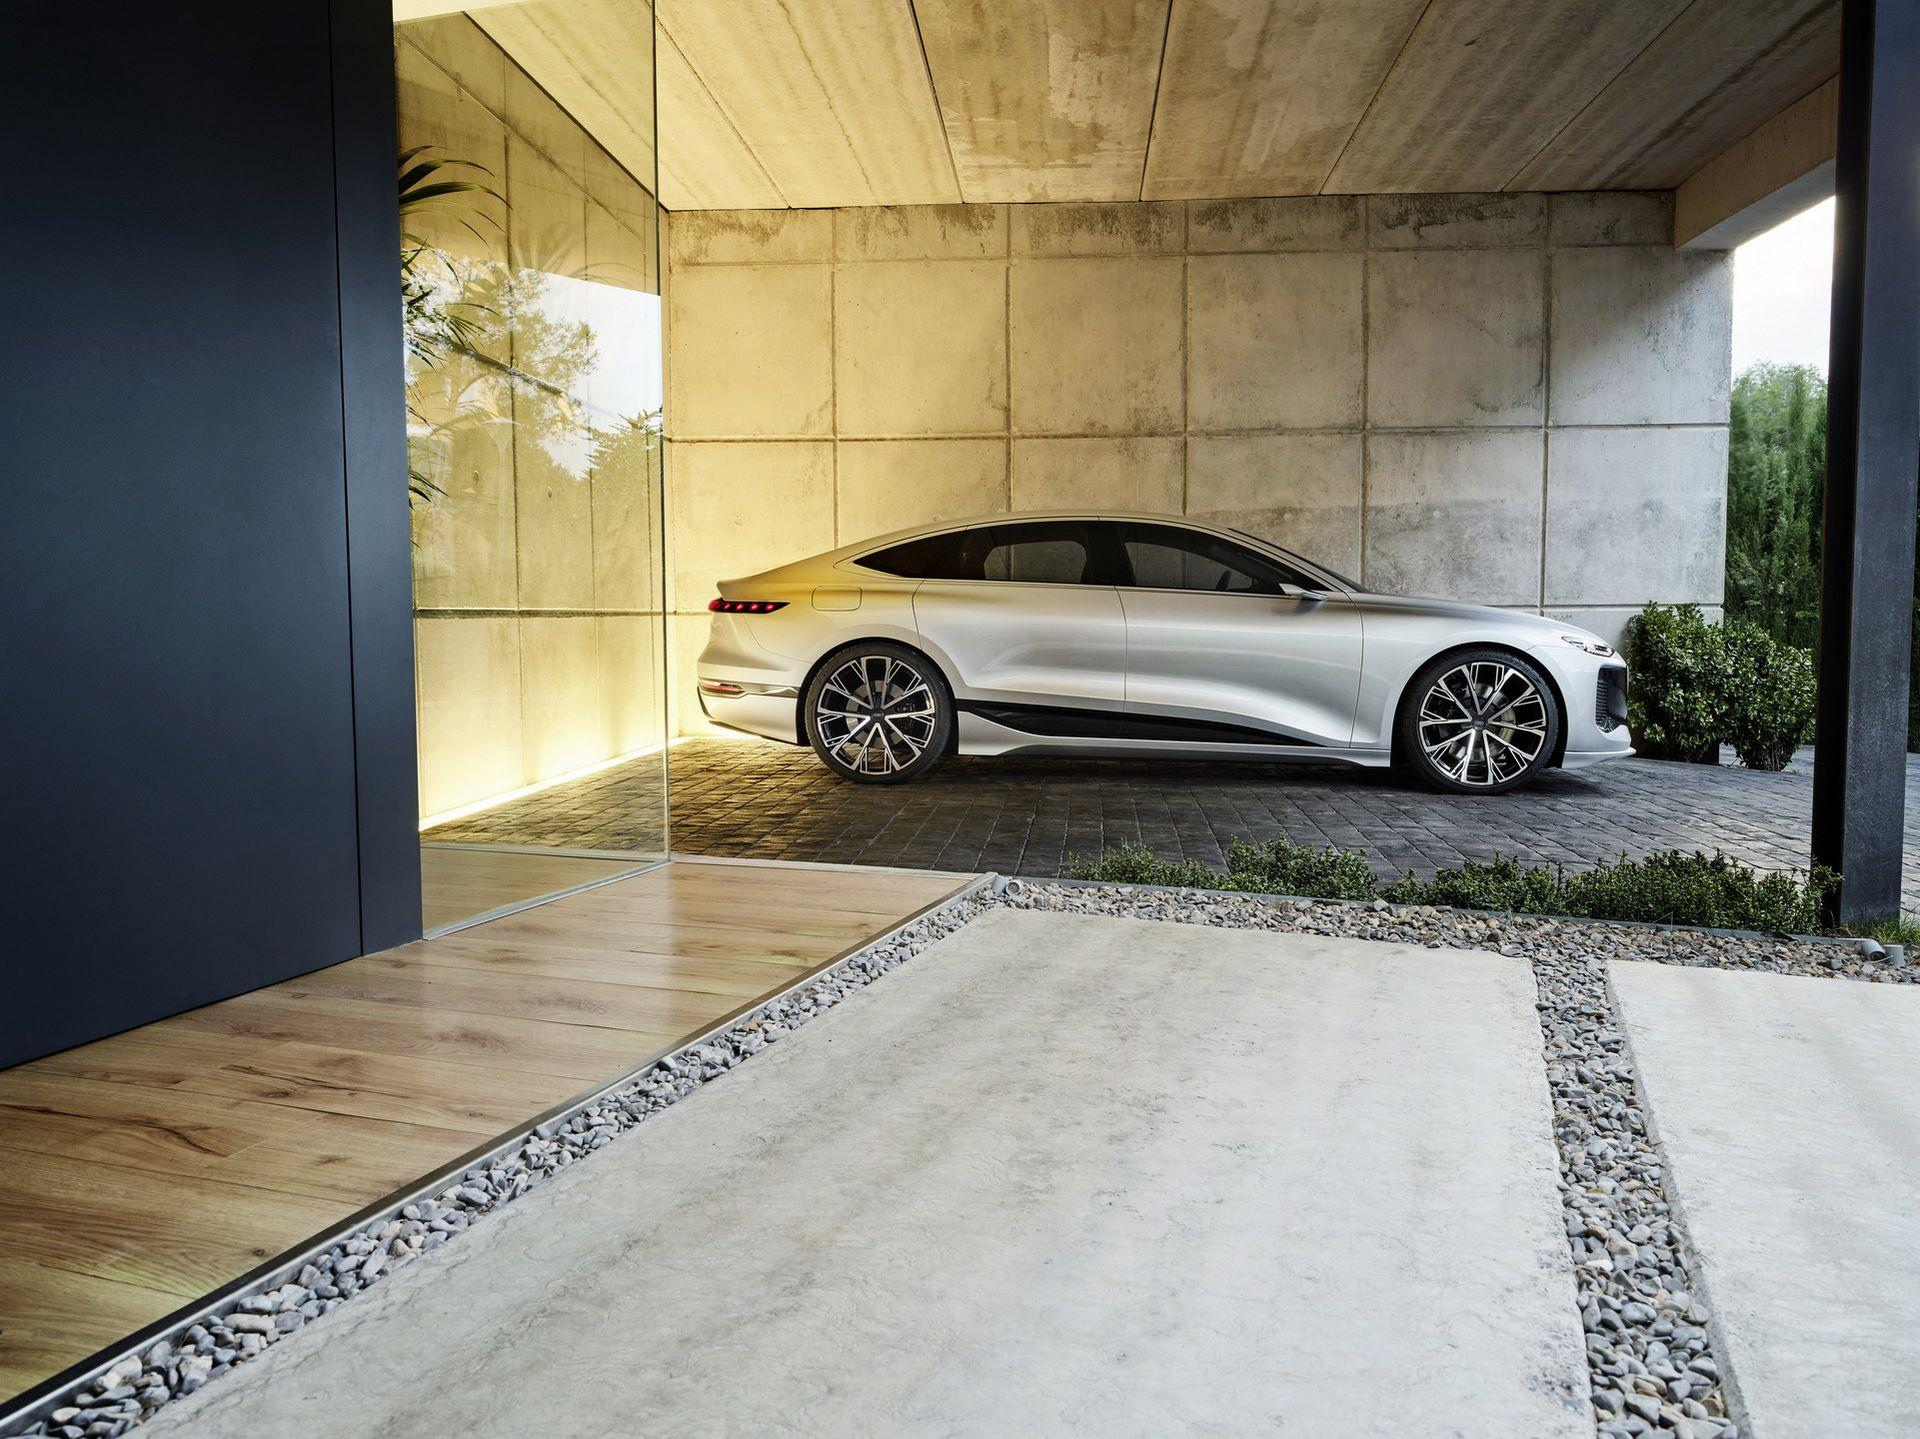 Audi-A6-e-tron-concept-31